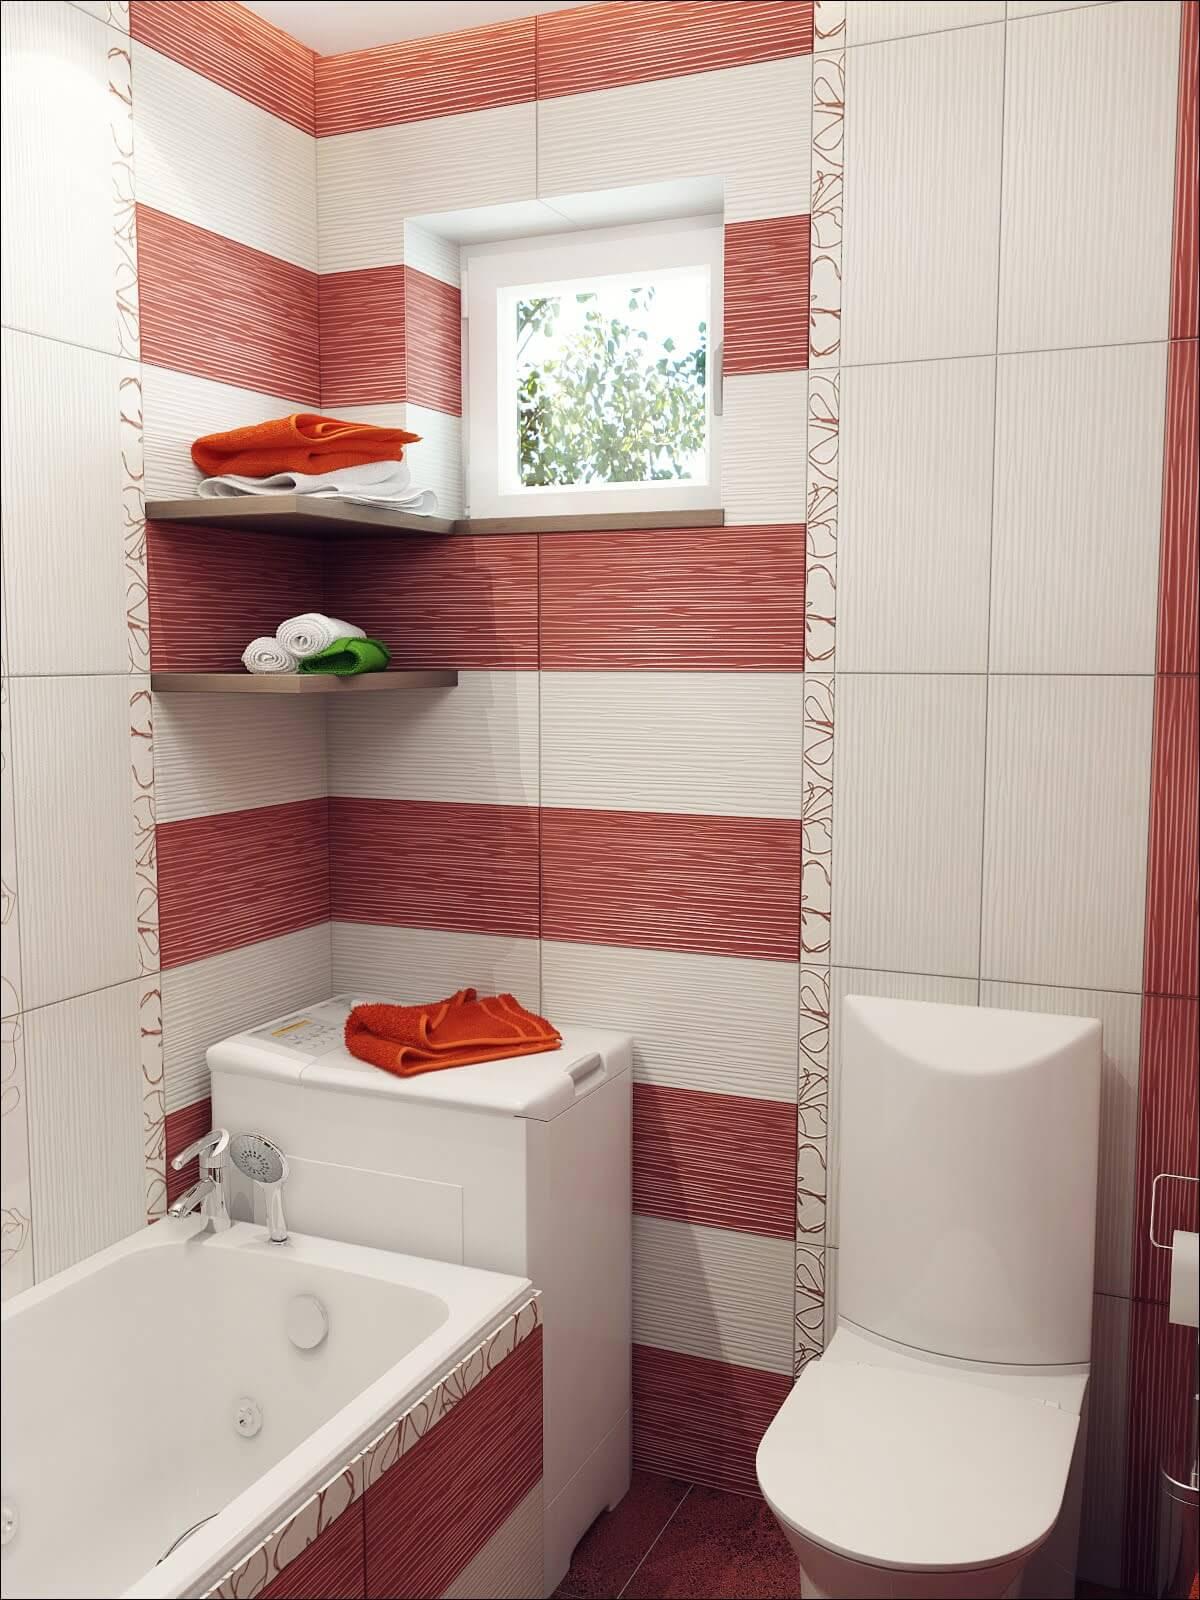 Красивая плитка для маленькой ванной комнаты дизайн